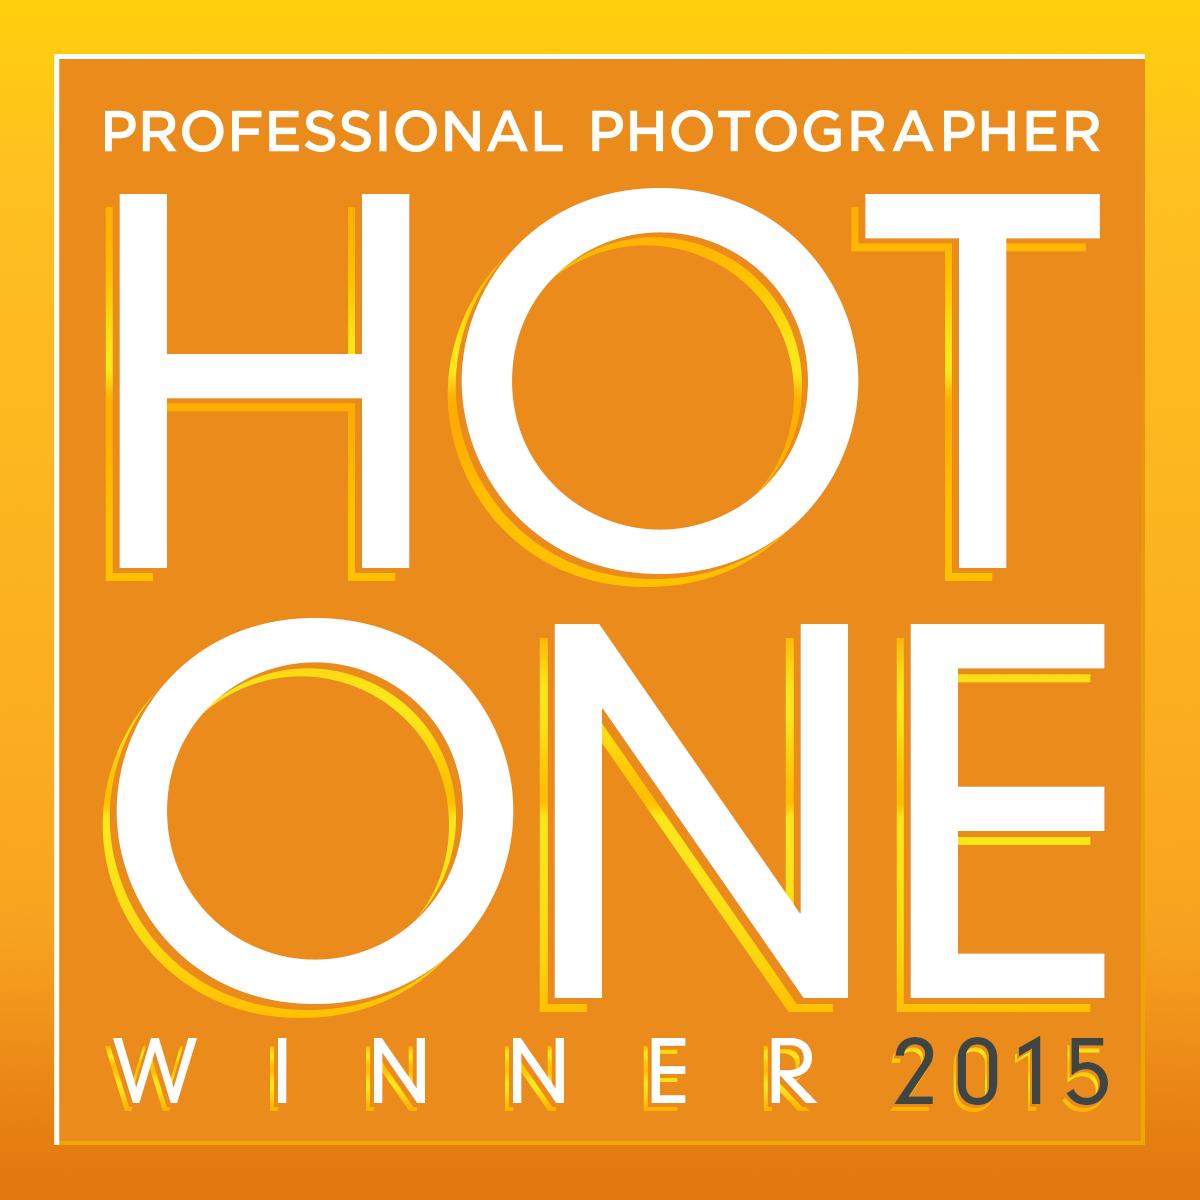 Hot_Ones_2015_Winner_1200x1200_noshadow